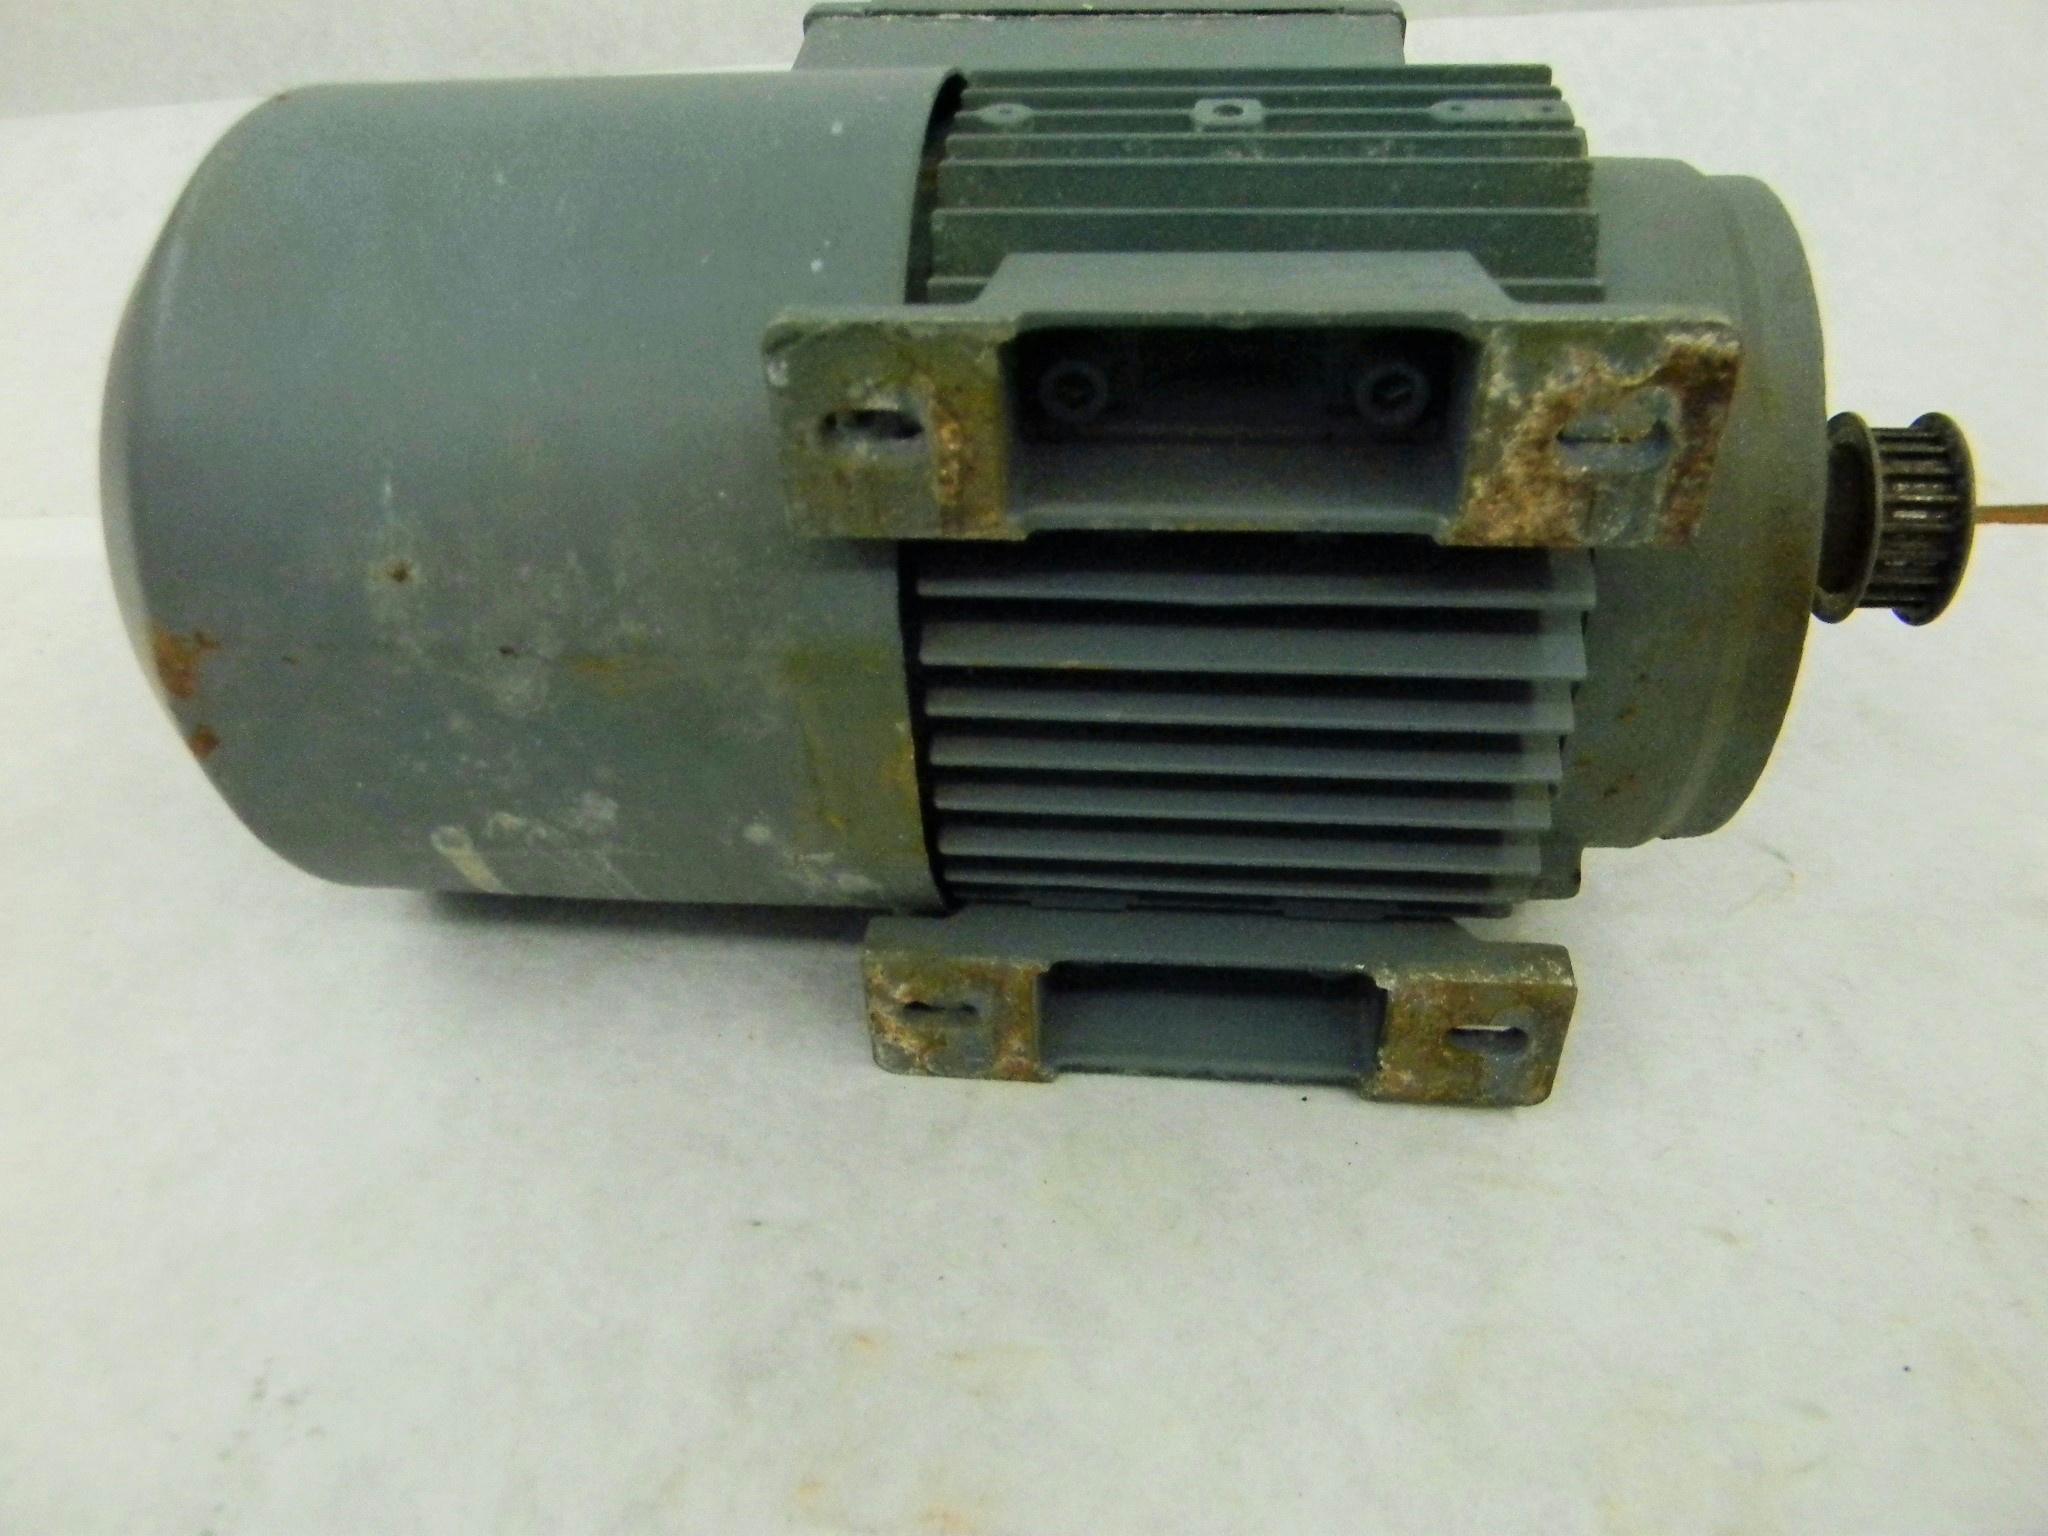 Sew Eurodrive Dt71c4bm Gear Motor 1700 Rpm V 266 460